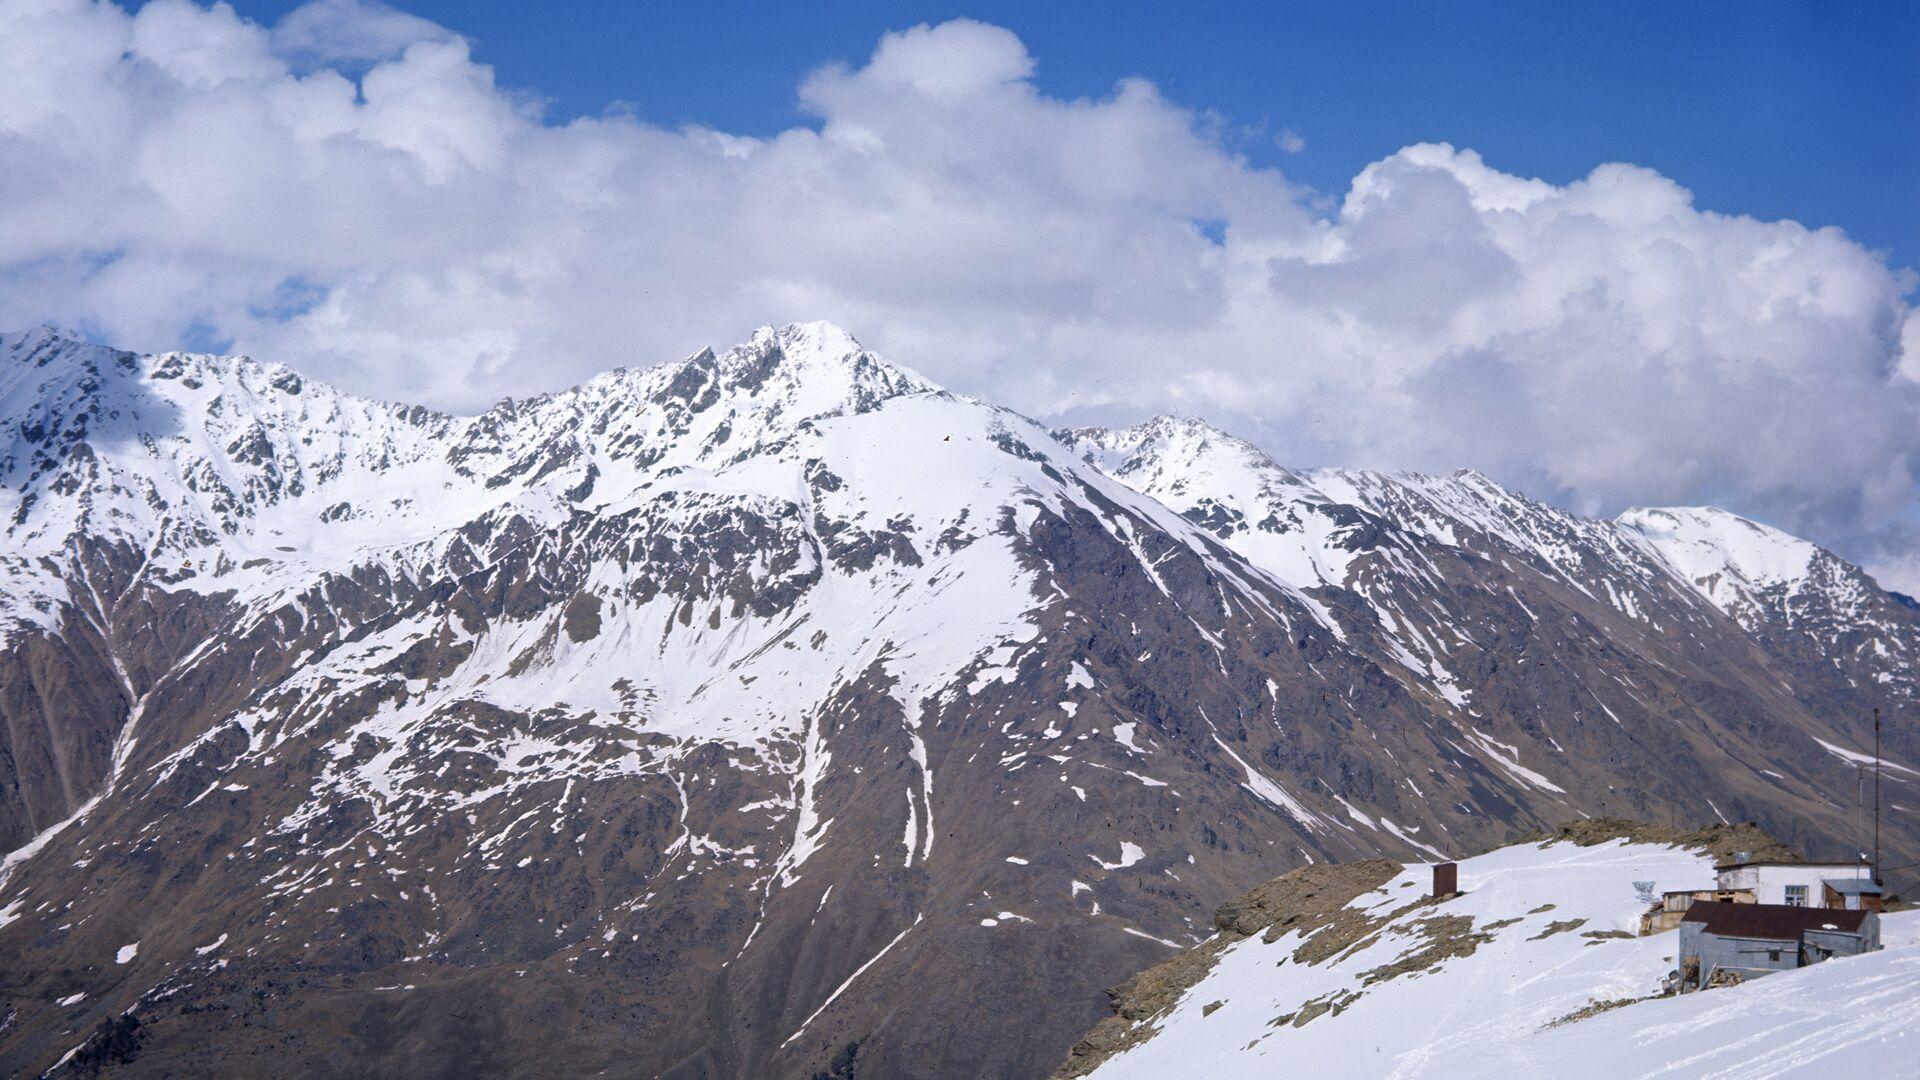 Число погибших на Эльбрусе альпинистов выросло до пяти человек